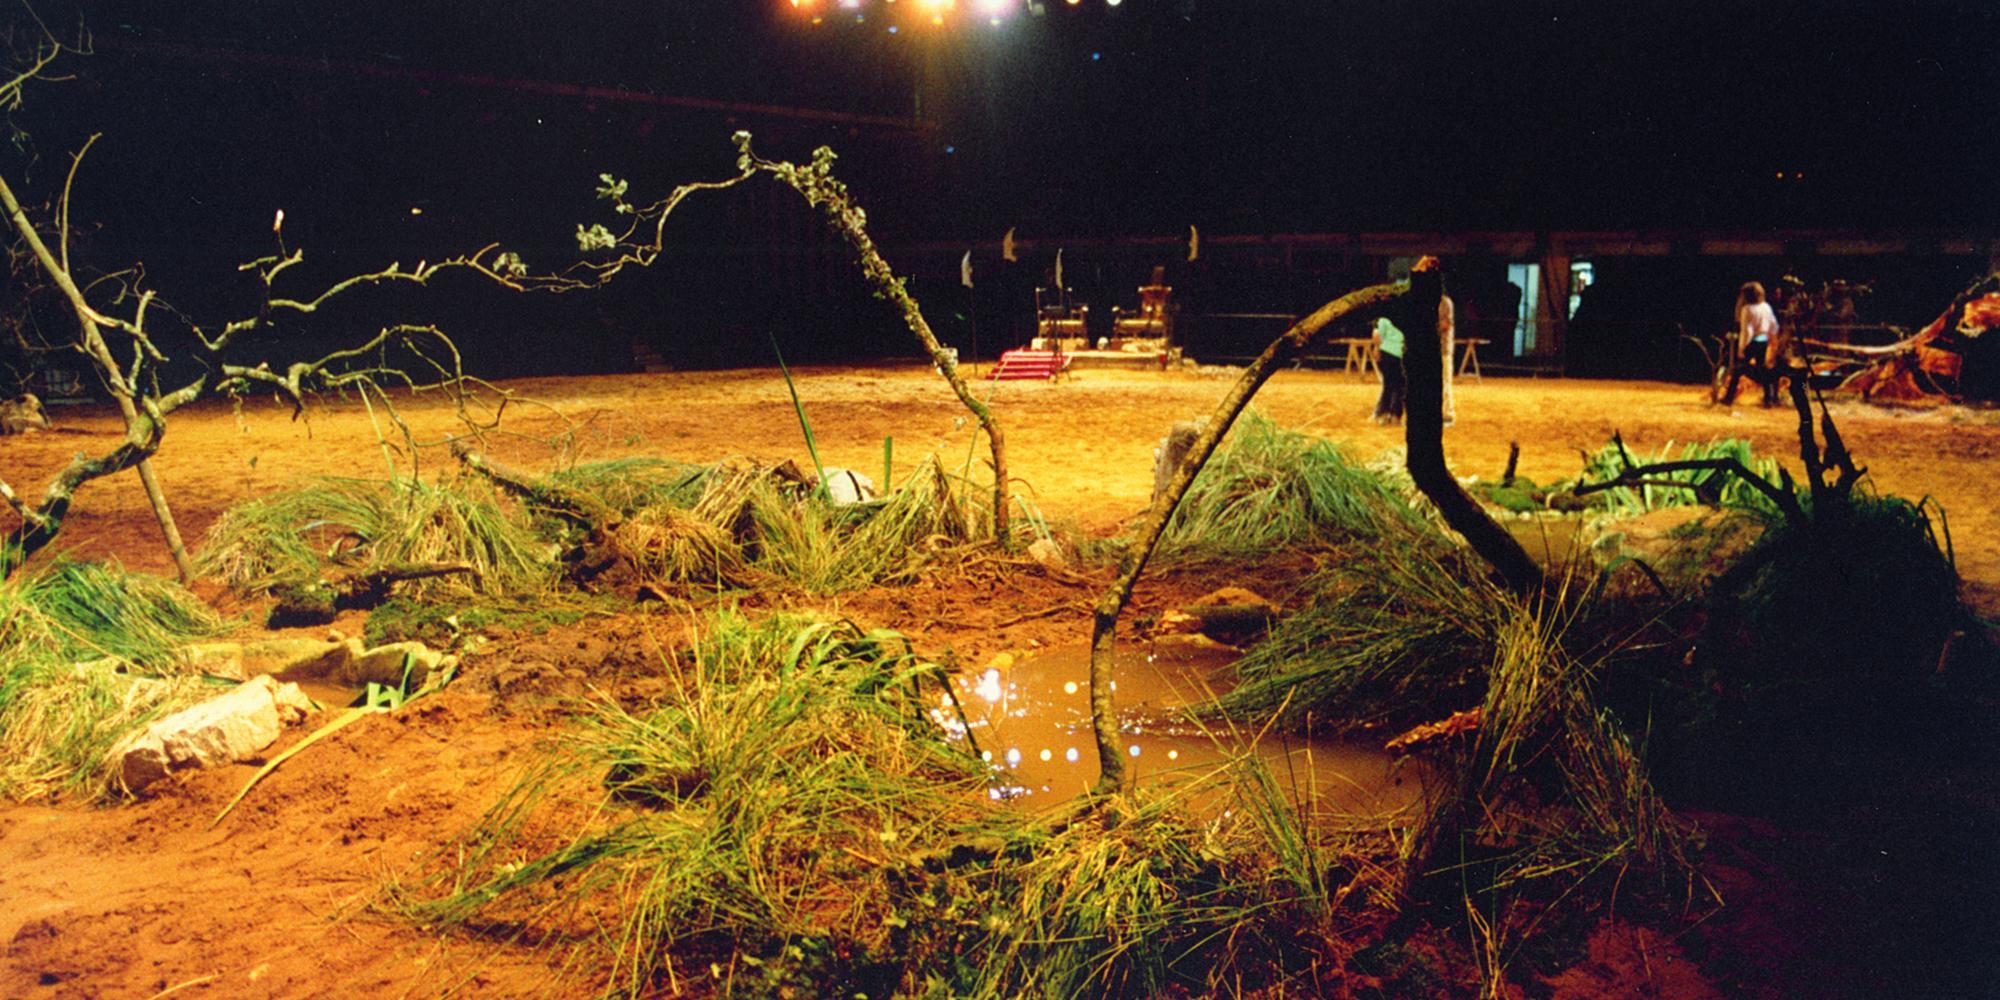 Décor de scène entre construction et assemblage végétal